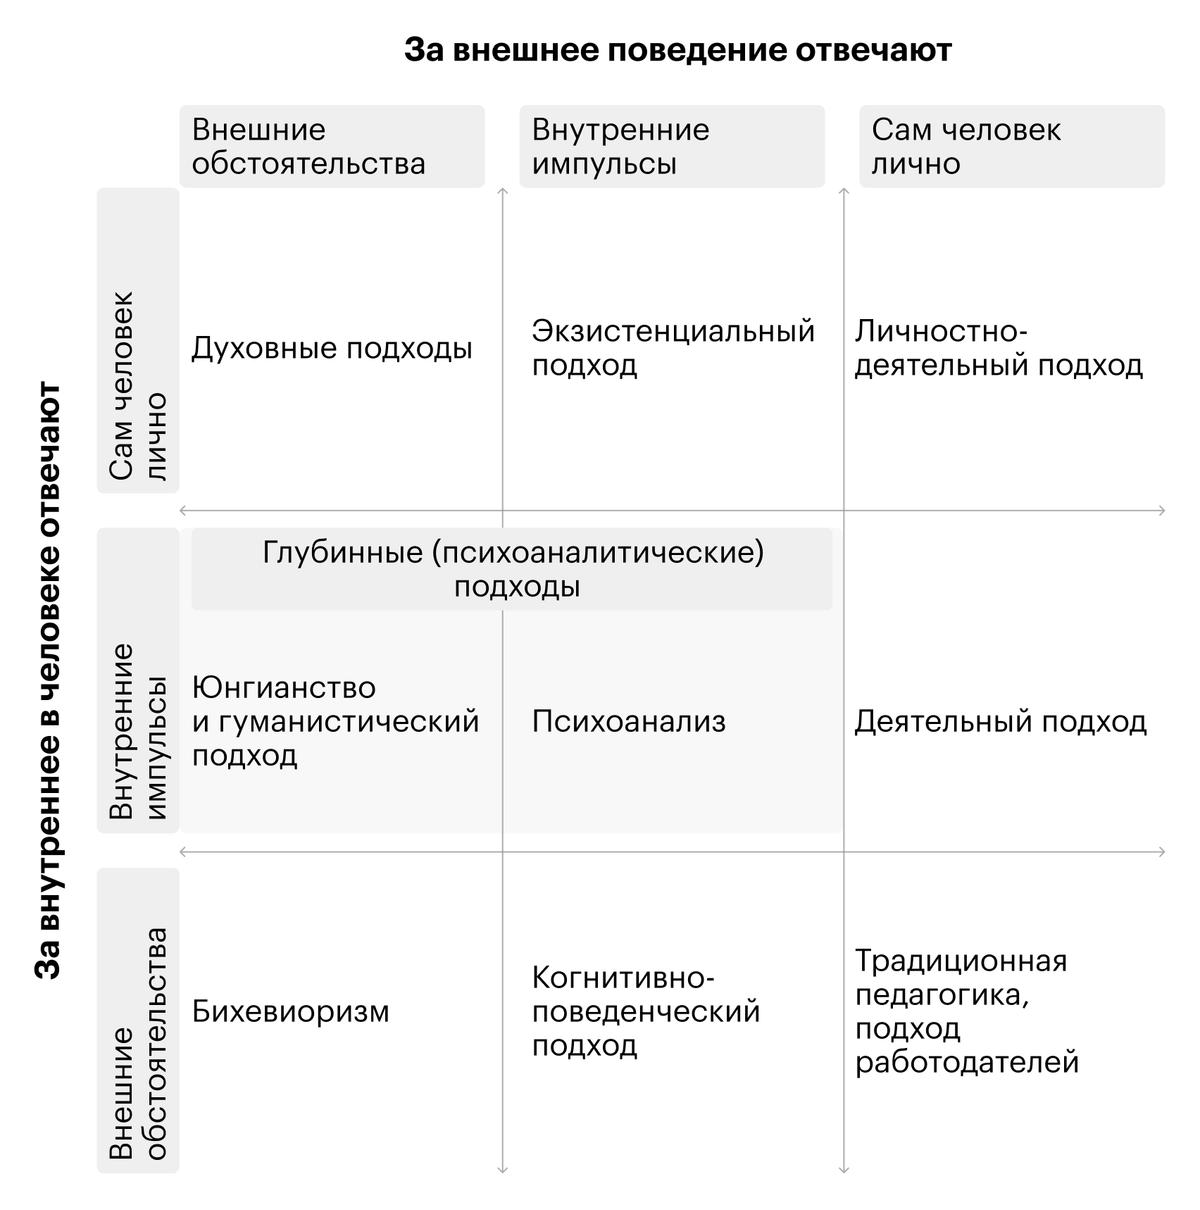 Разные психотерапевтические подходы по-разному относятся к происходящим в психике процессам